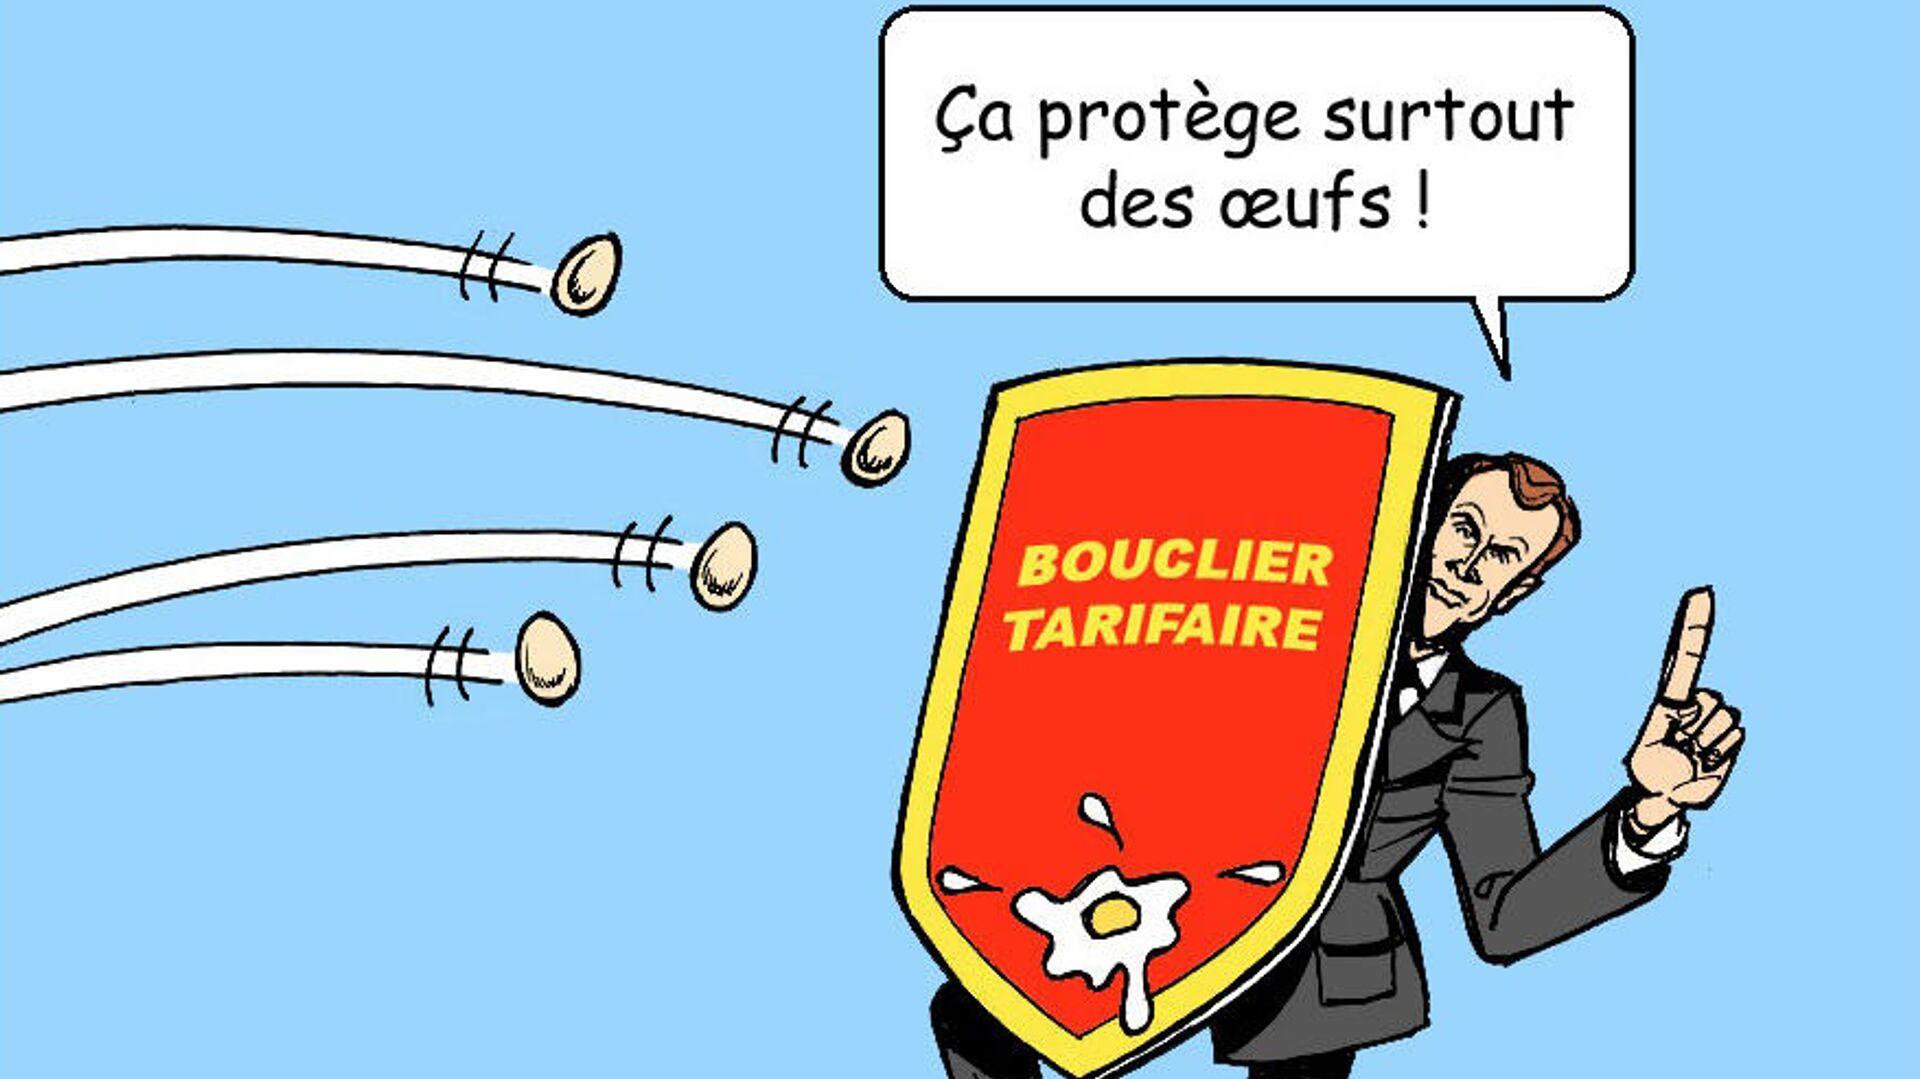 Un bouclier tarifaire pour contrer la hausse des prix du gaz et de l'électricité - Sputnik France, 1920, 04.10.2021